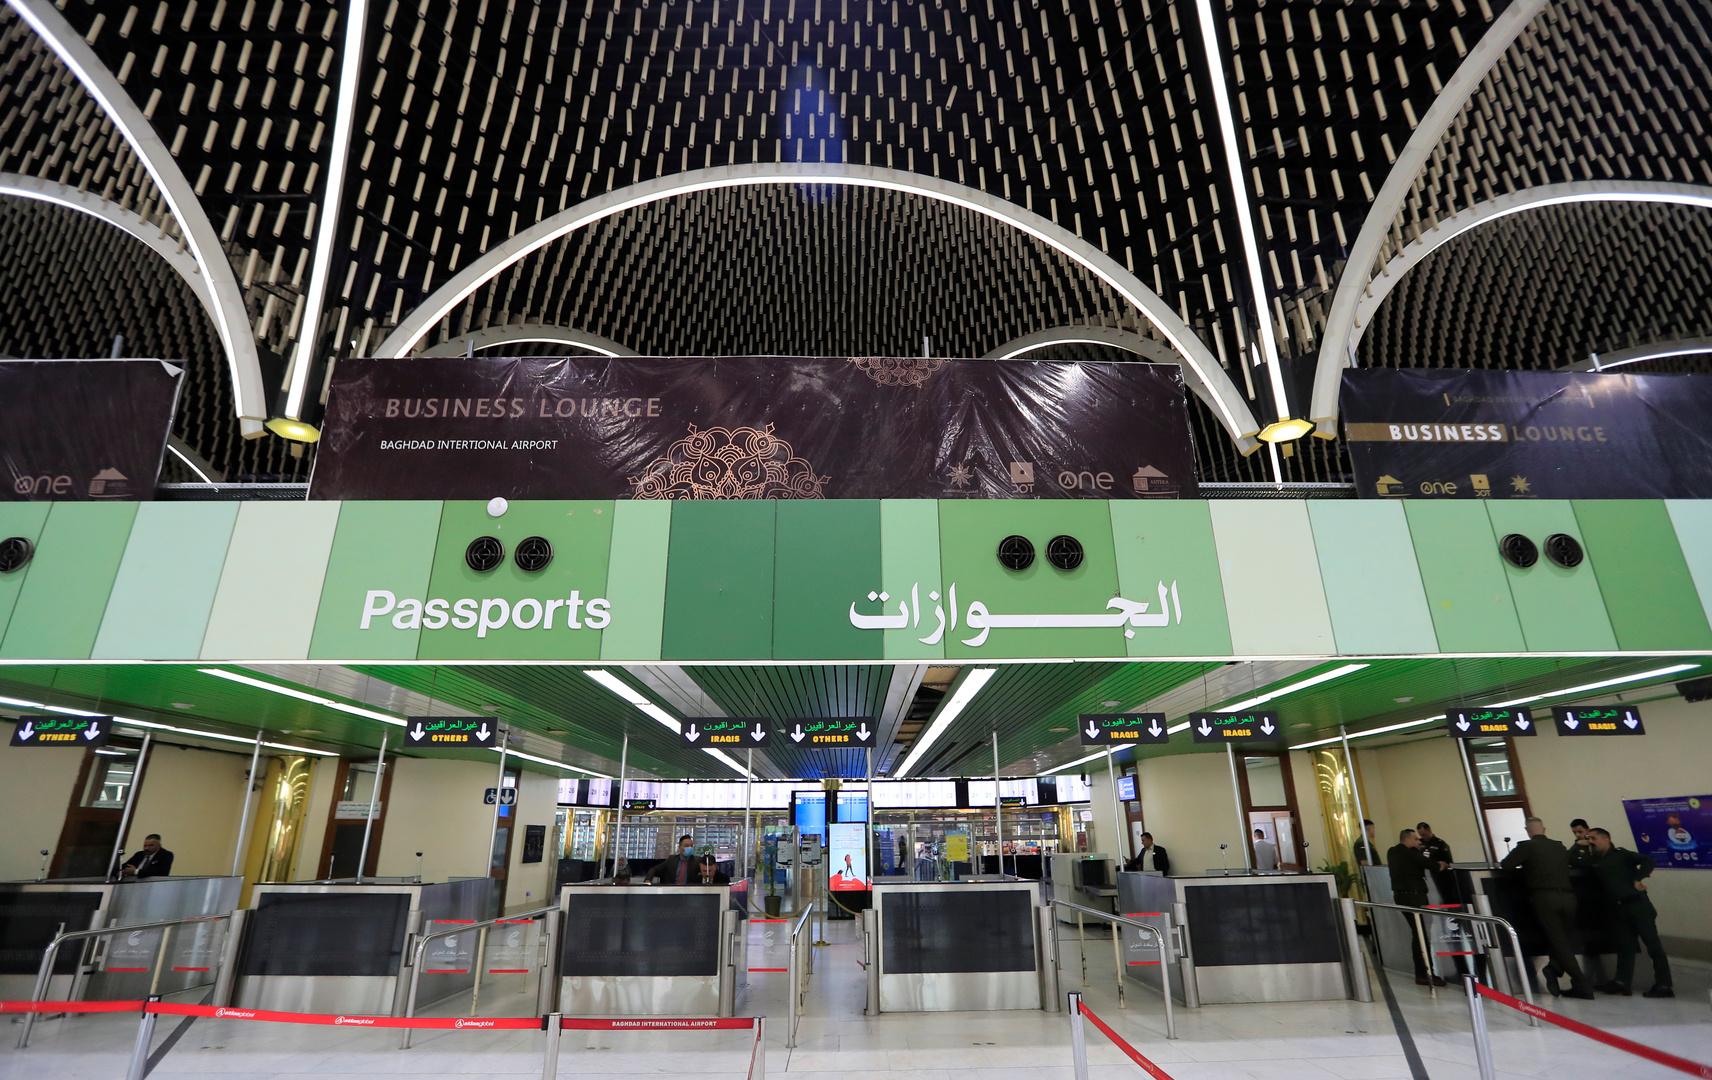 إعادة افتتاح مطار بغداد رغم تجاوز إصابات كورونا 100 ألف في البلاد